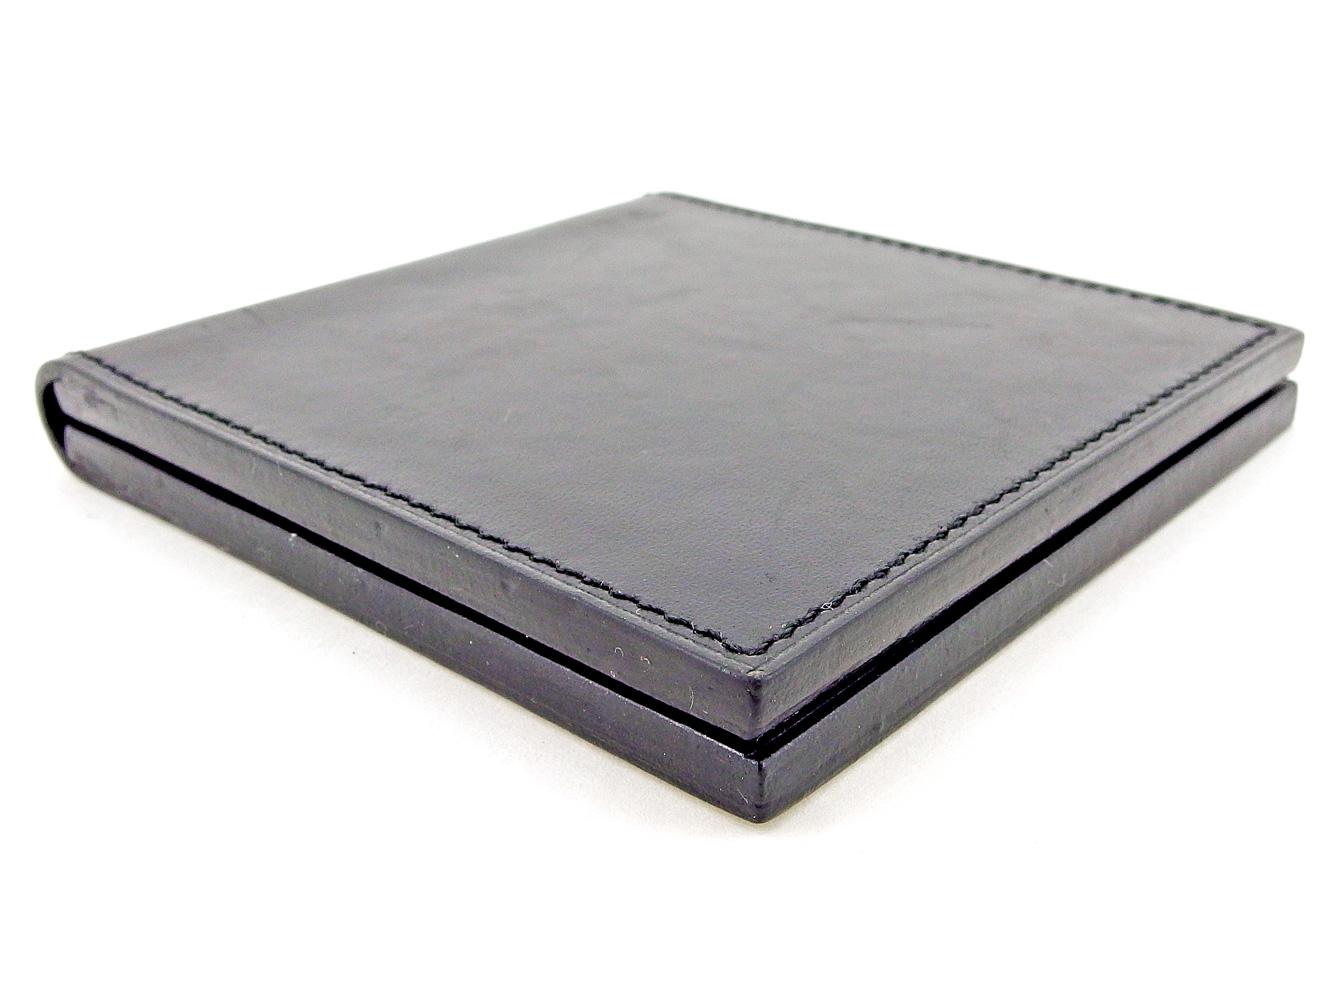 24f9b84311b3 ... レディース メンズ 可 ダブルミラー ブラック レザー 人気 T5194   人気 エルメス コンパクトミラー ダブルミラー ...